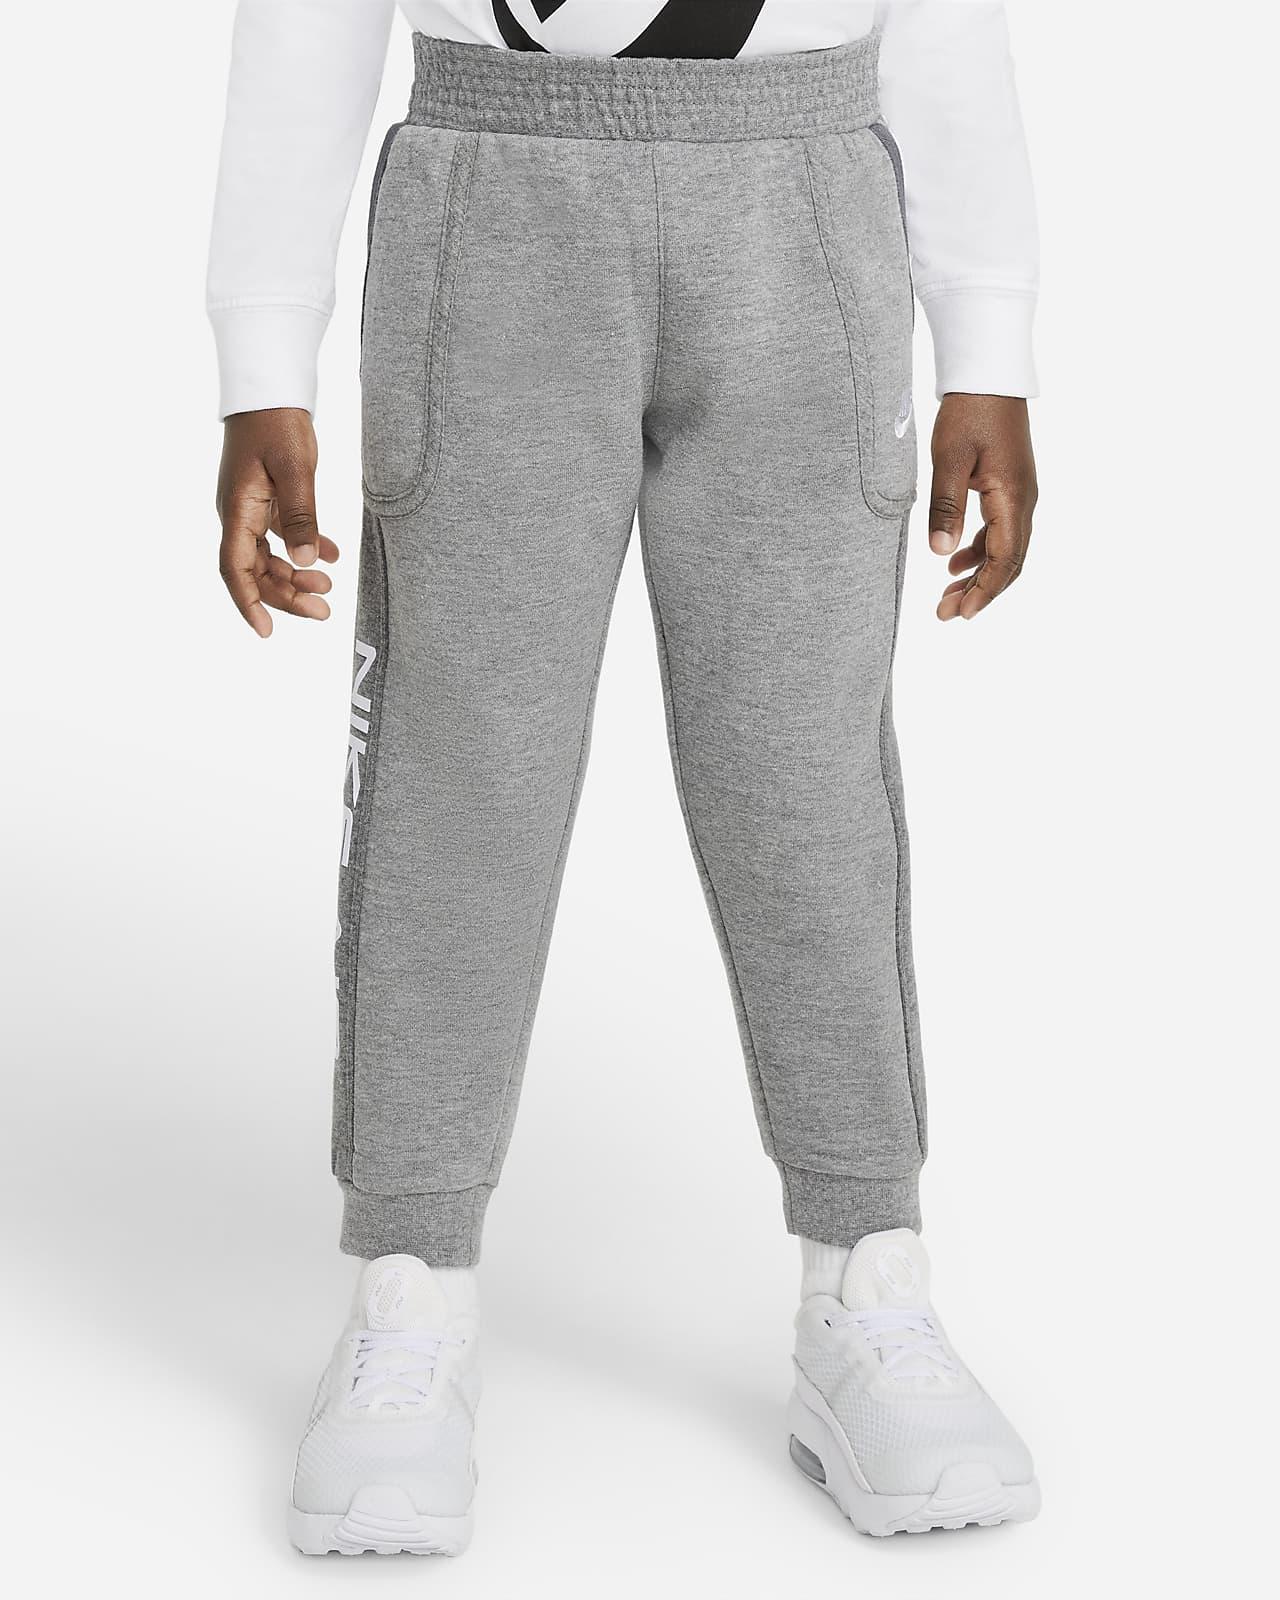 Pantalones para niños pequeños Nike Air